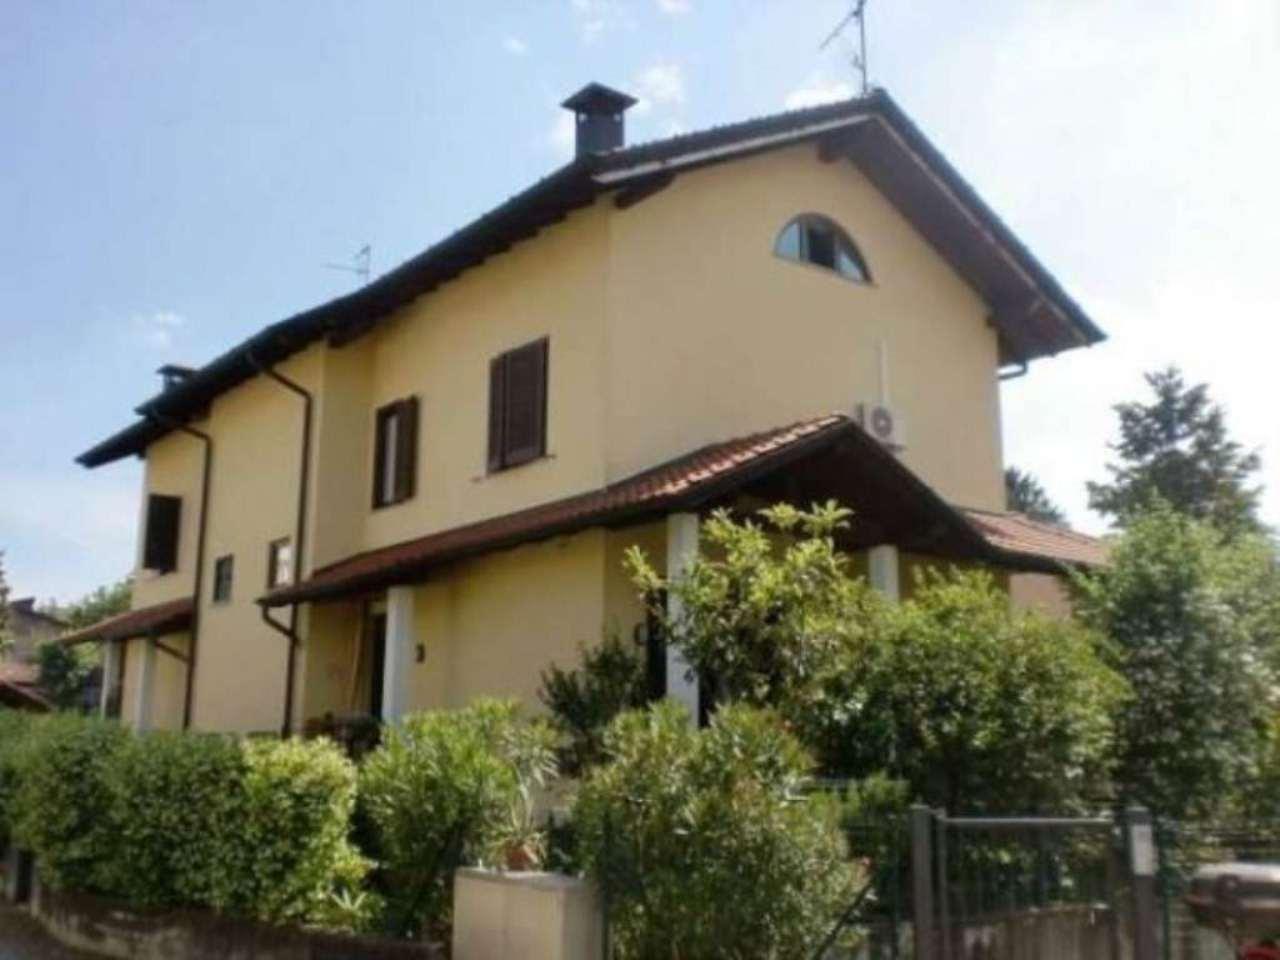 Villa in vendita a Jerago con Orago, 6 locali, prezzo € 250.000 | Cambio Casa.it